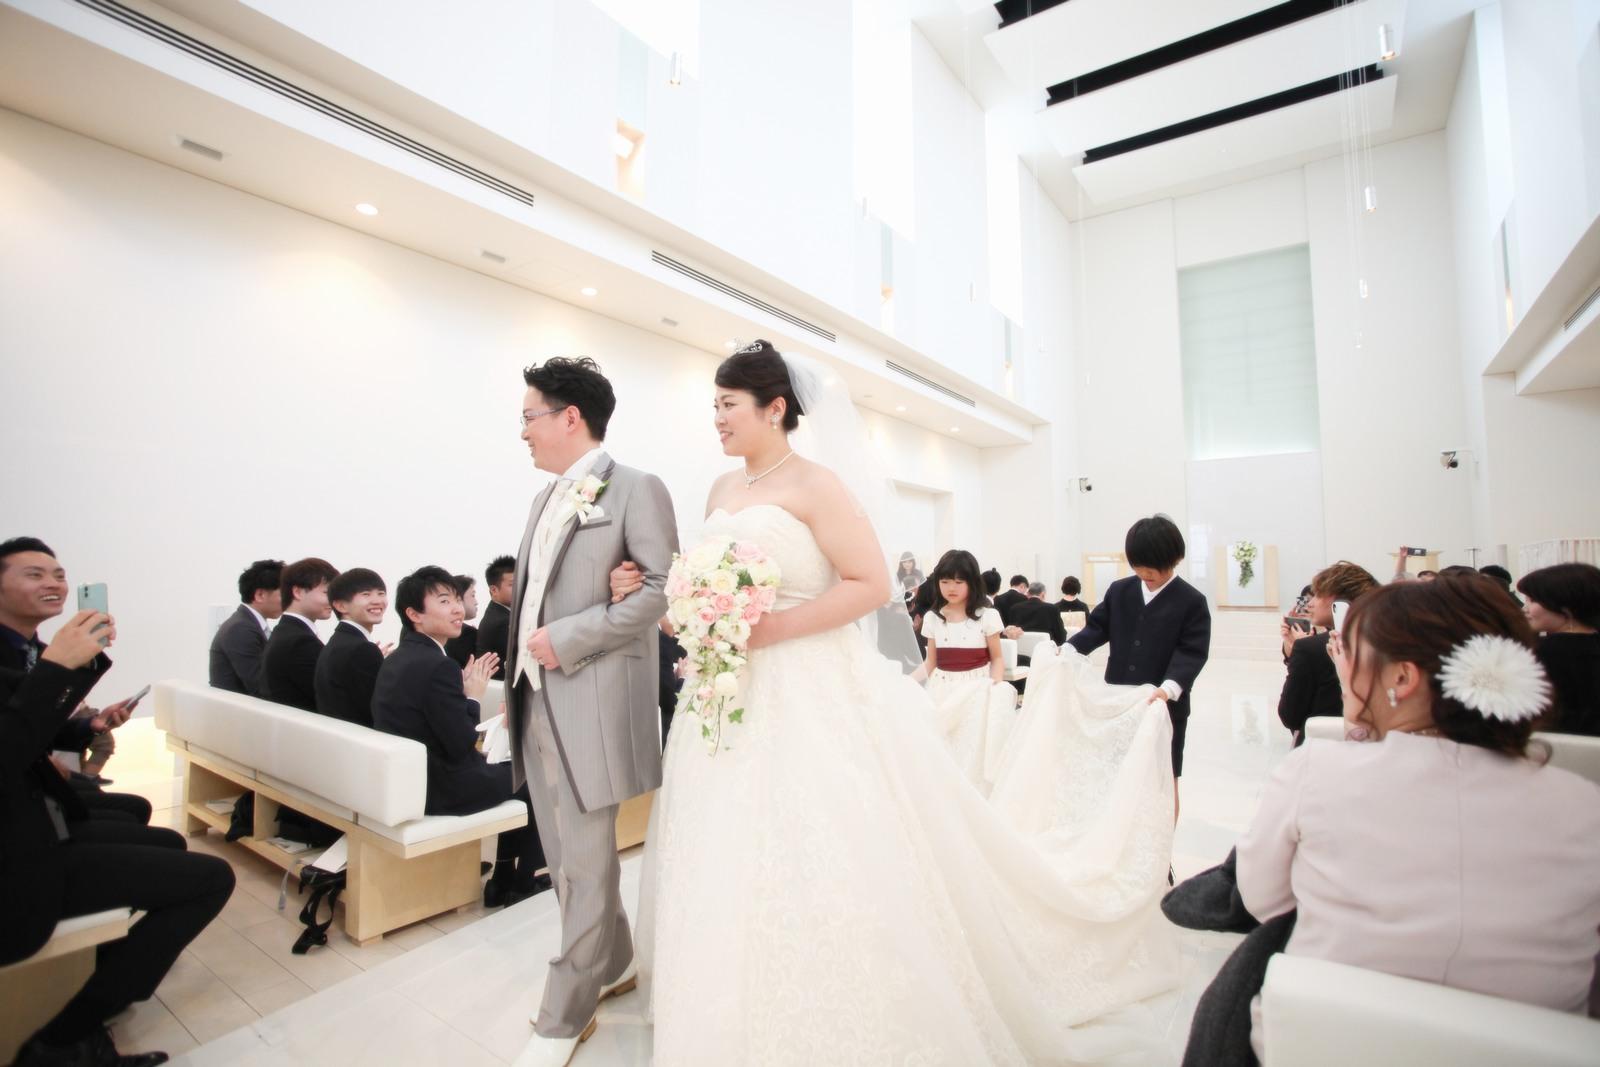 徳島市の結婚式場ブランアンジュでゲストから祝福を受けながら退場する新郎新婦